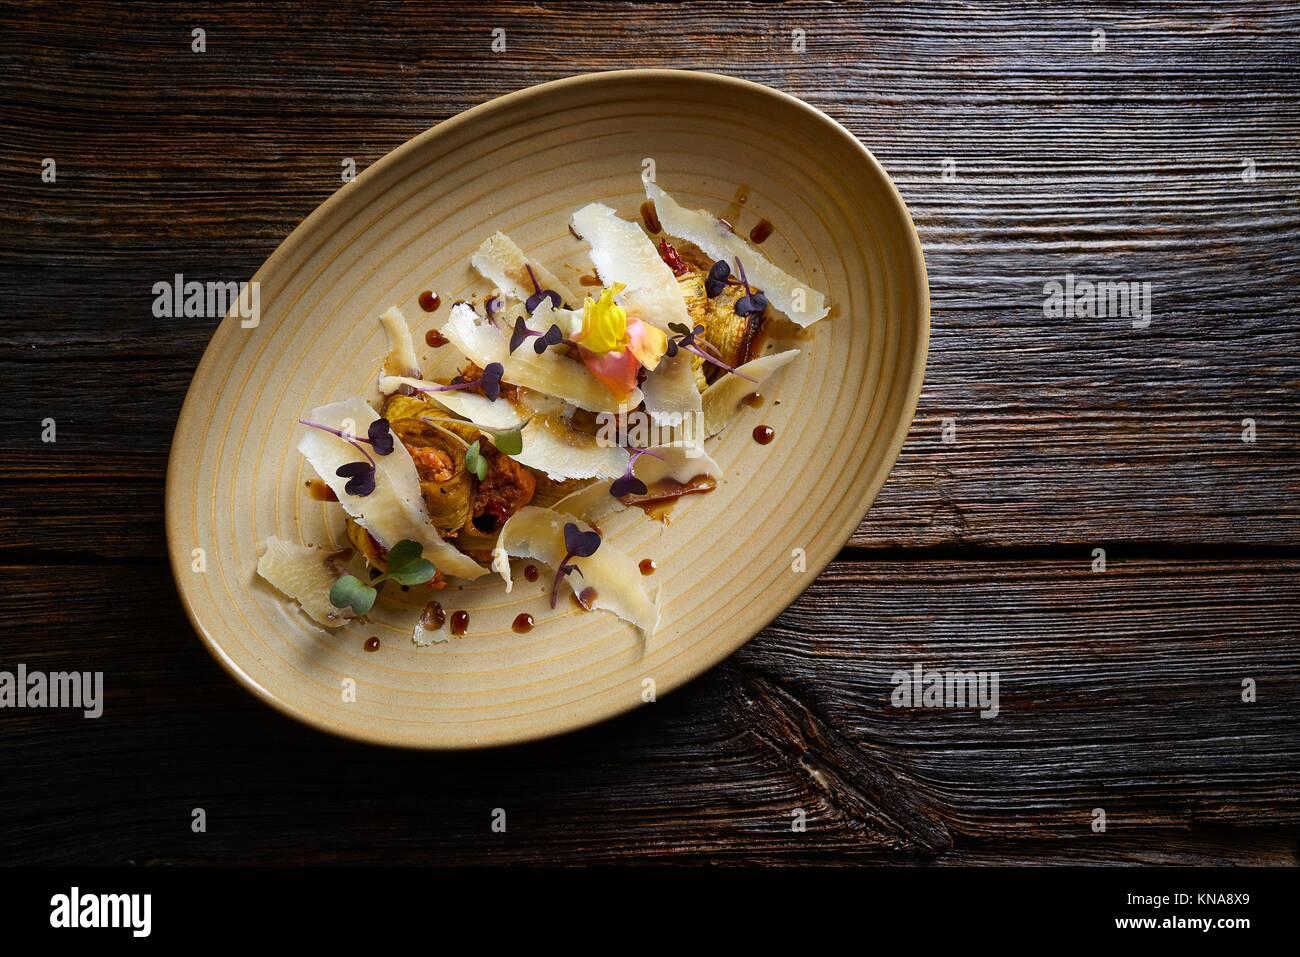 Melanzane e formaggio ricetta cibo italiano sulla tavola di legno. Immagini Stock